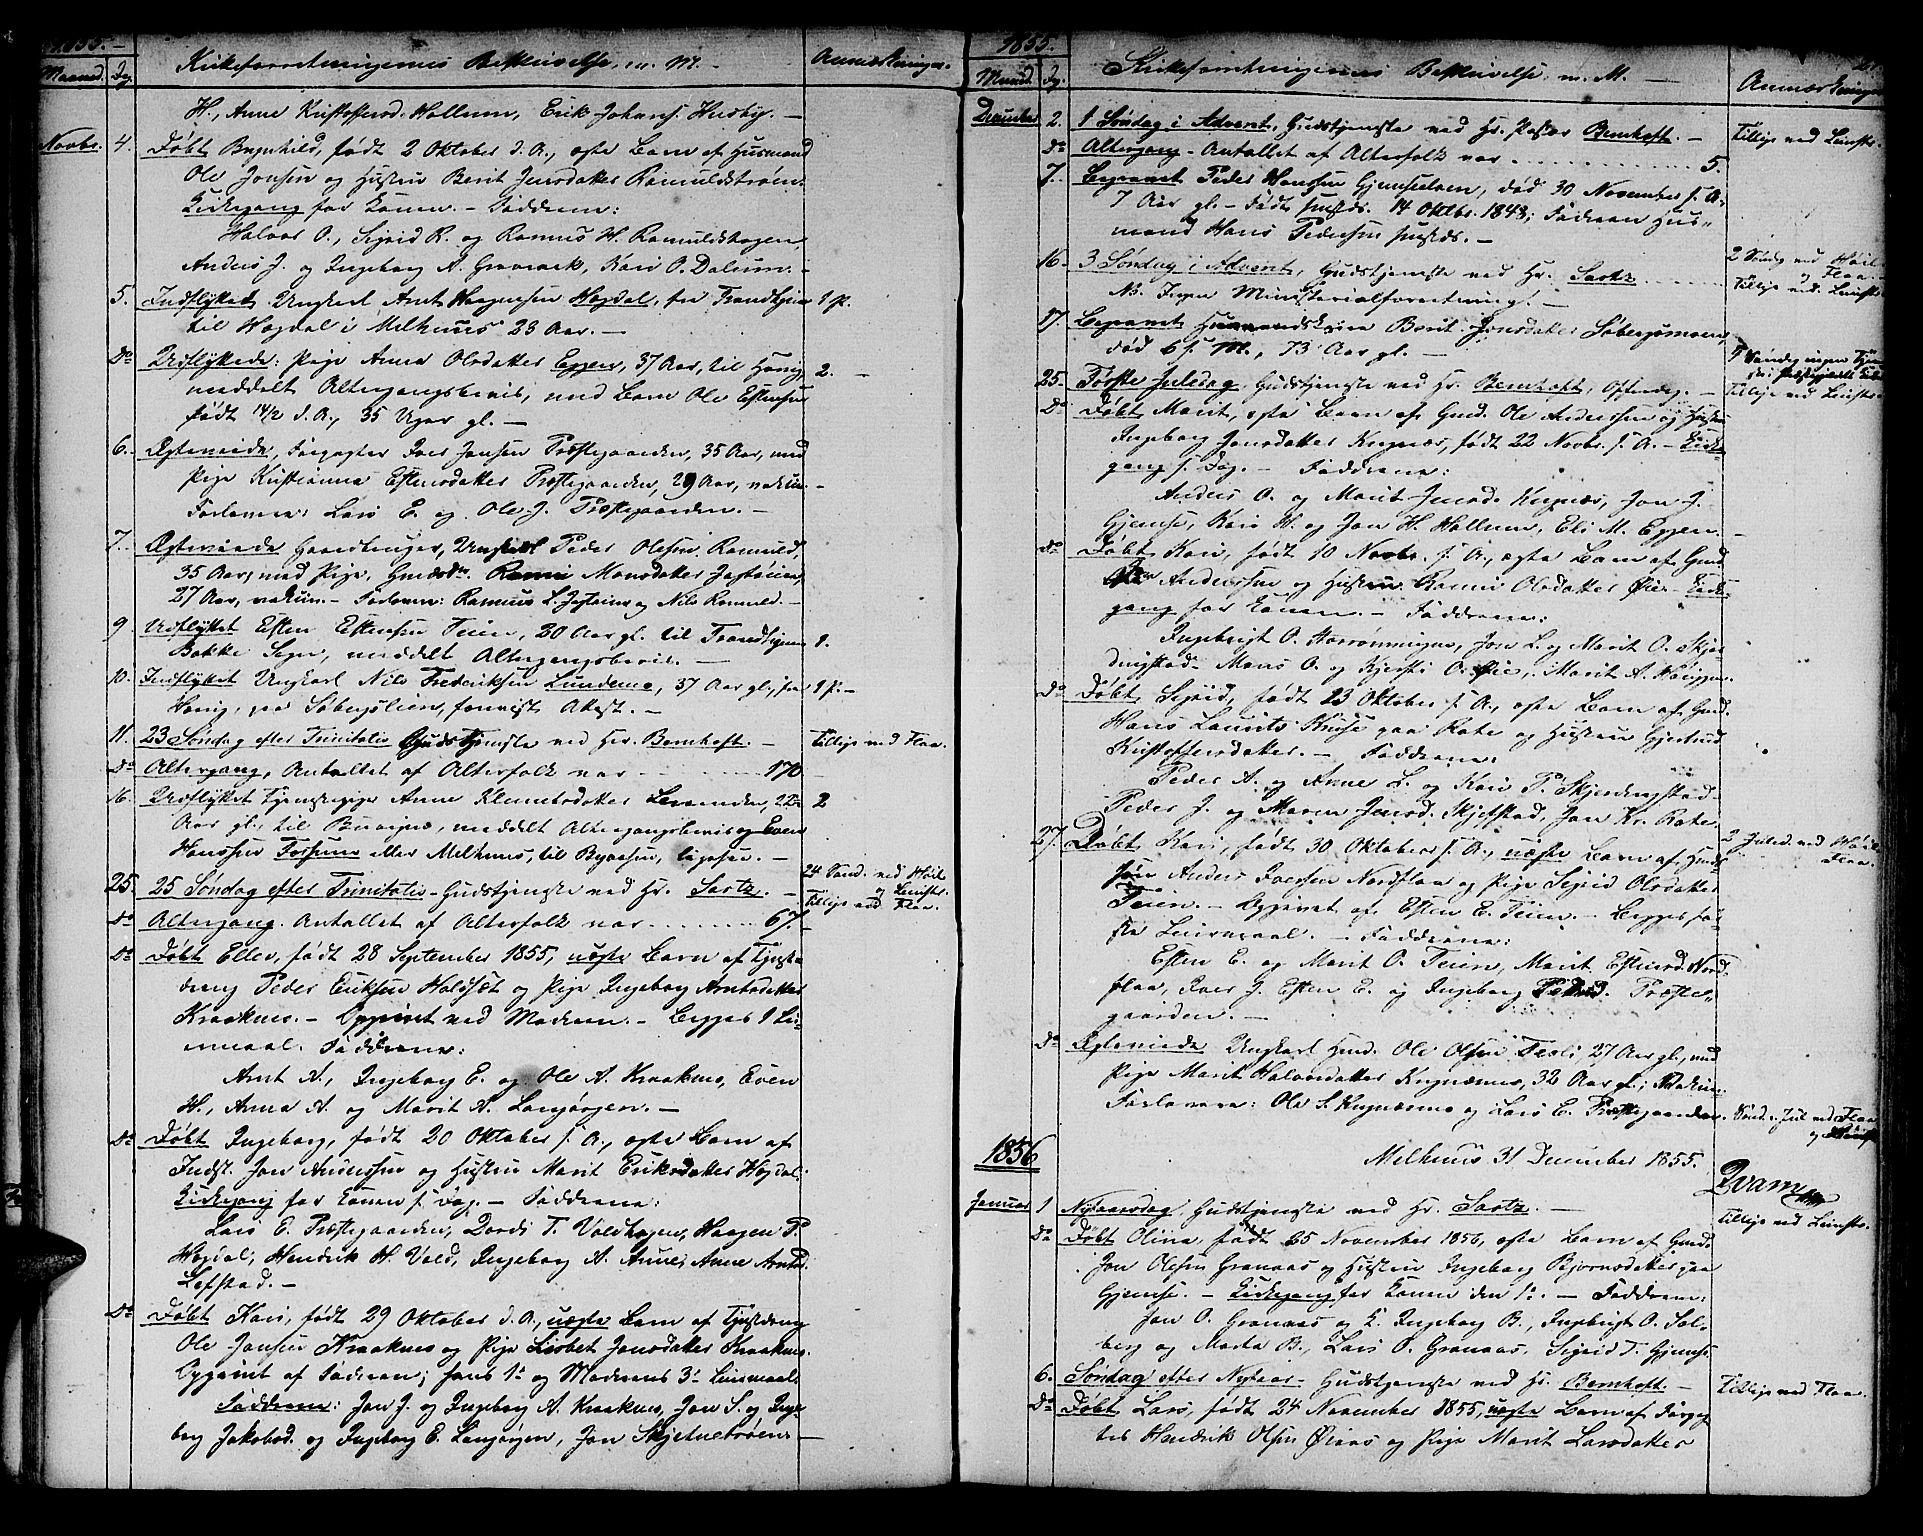 SAT, Ministerialprotokoller, klokkerbøker og fødselsregistre - Sør-Trøndelag, 691/L1093: Klokkerbok nr. 691C04, 1852-1879, s. 24